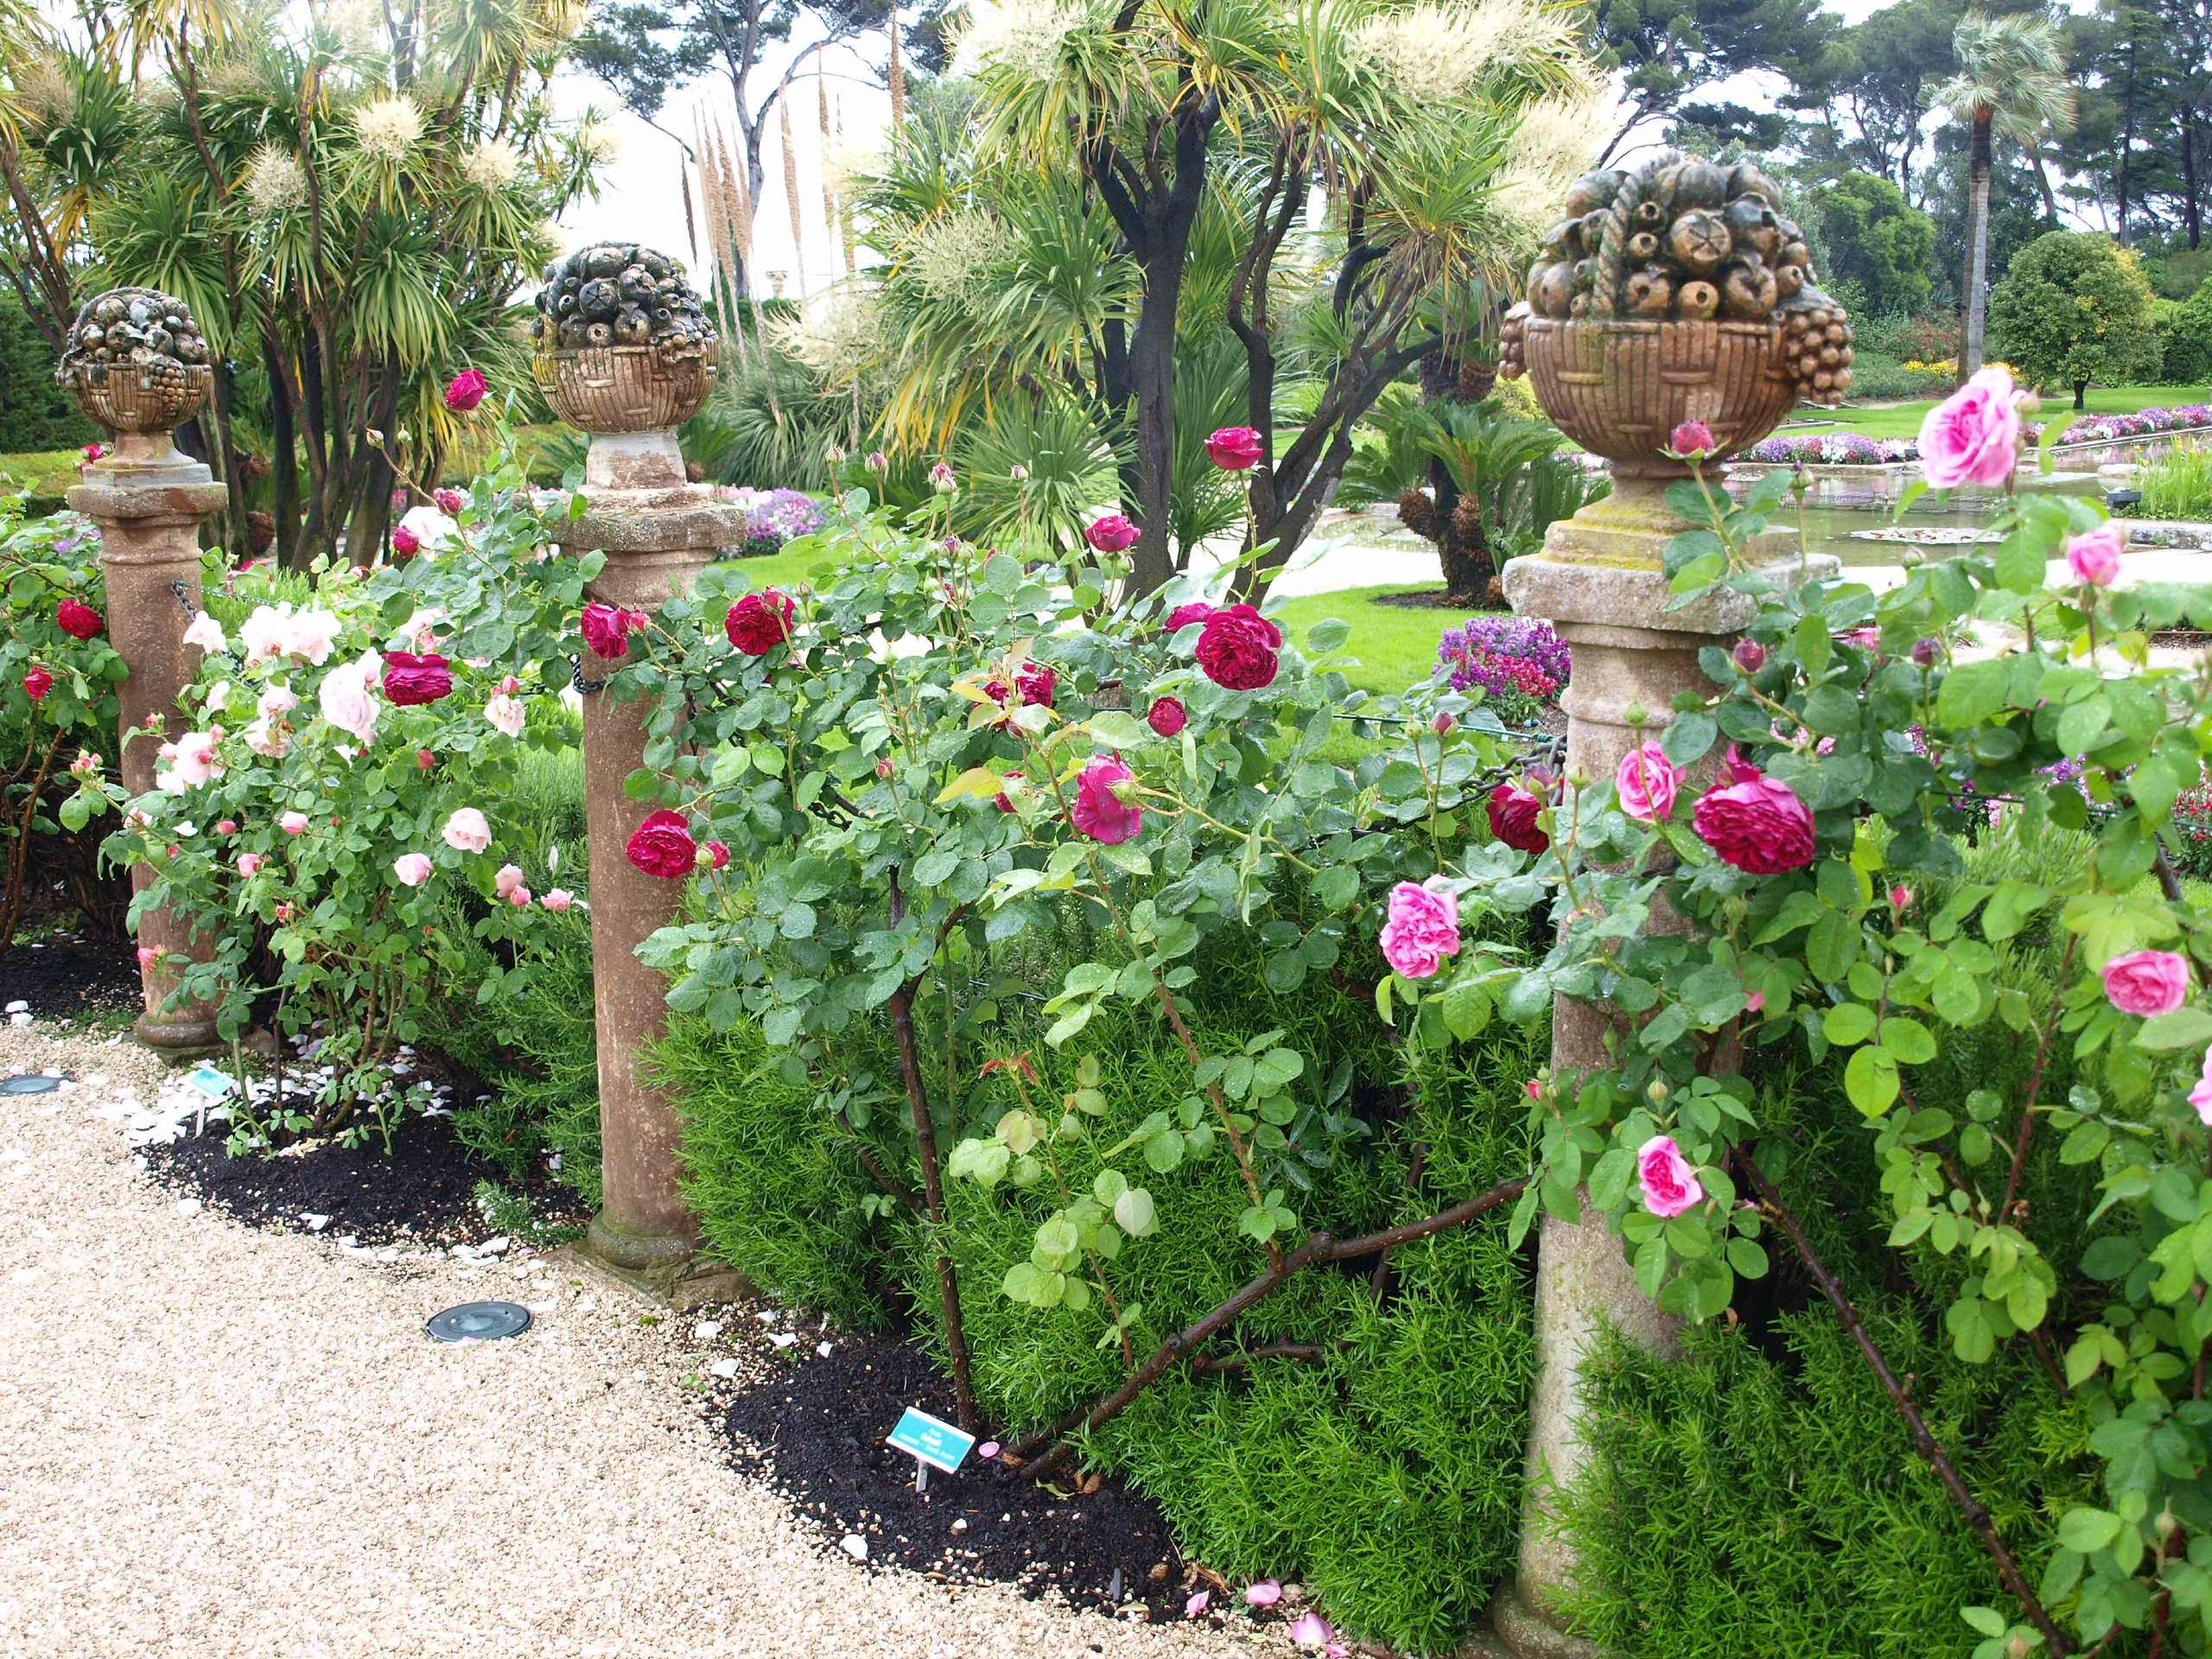 notre offre paysagiste jardin conseil. Black Bedroom Furniture Sets. Home Design Ideas